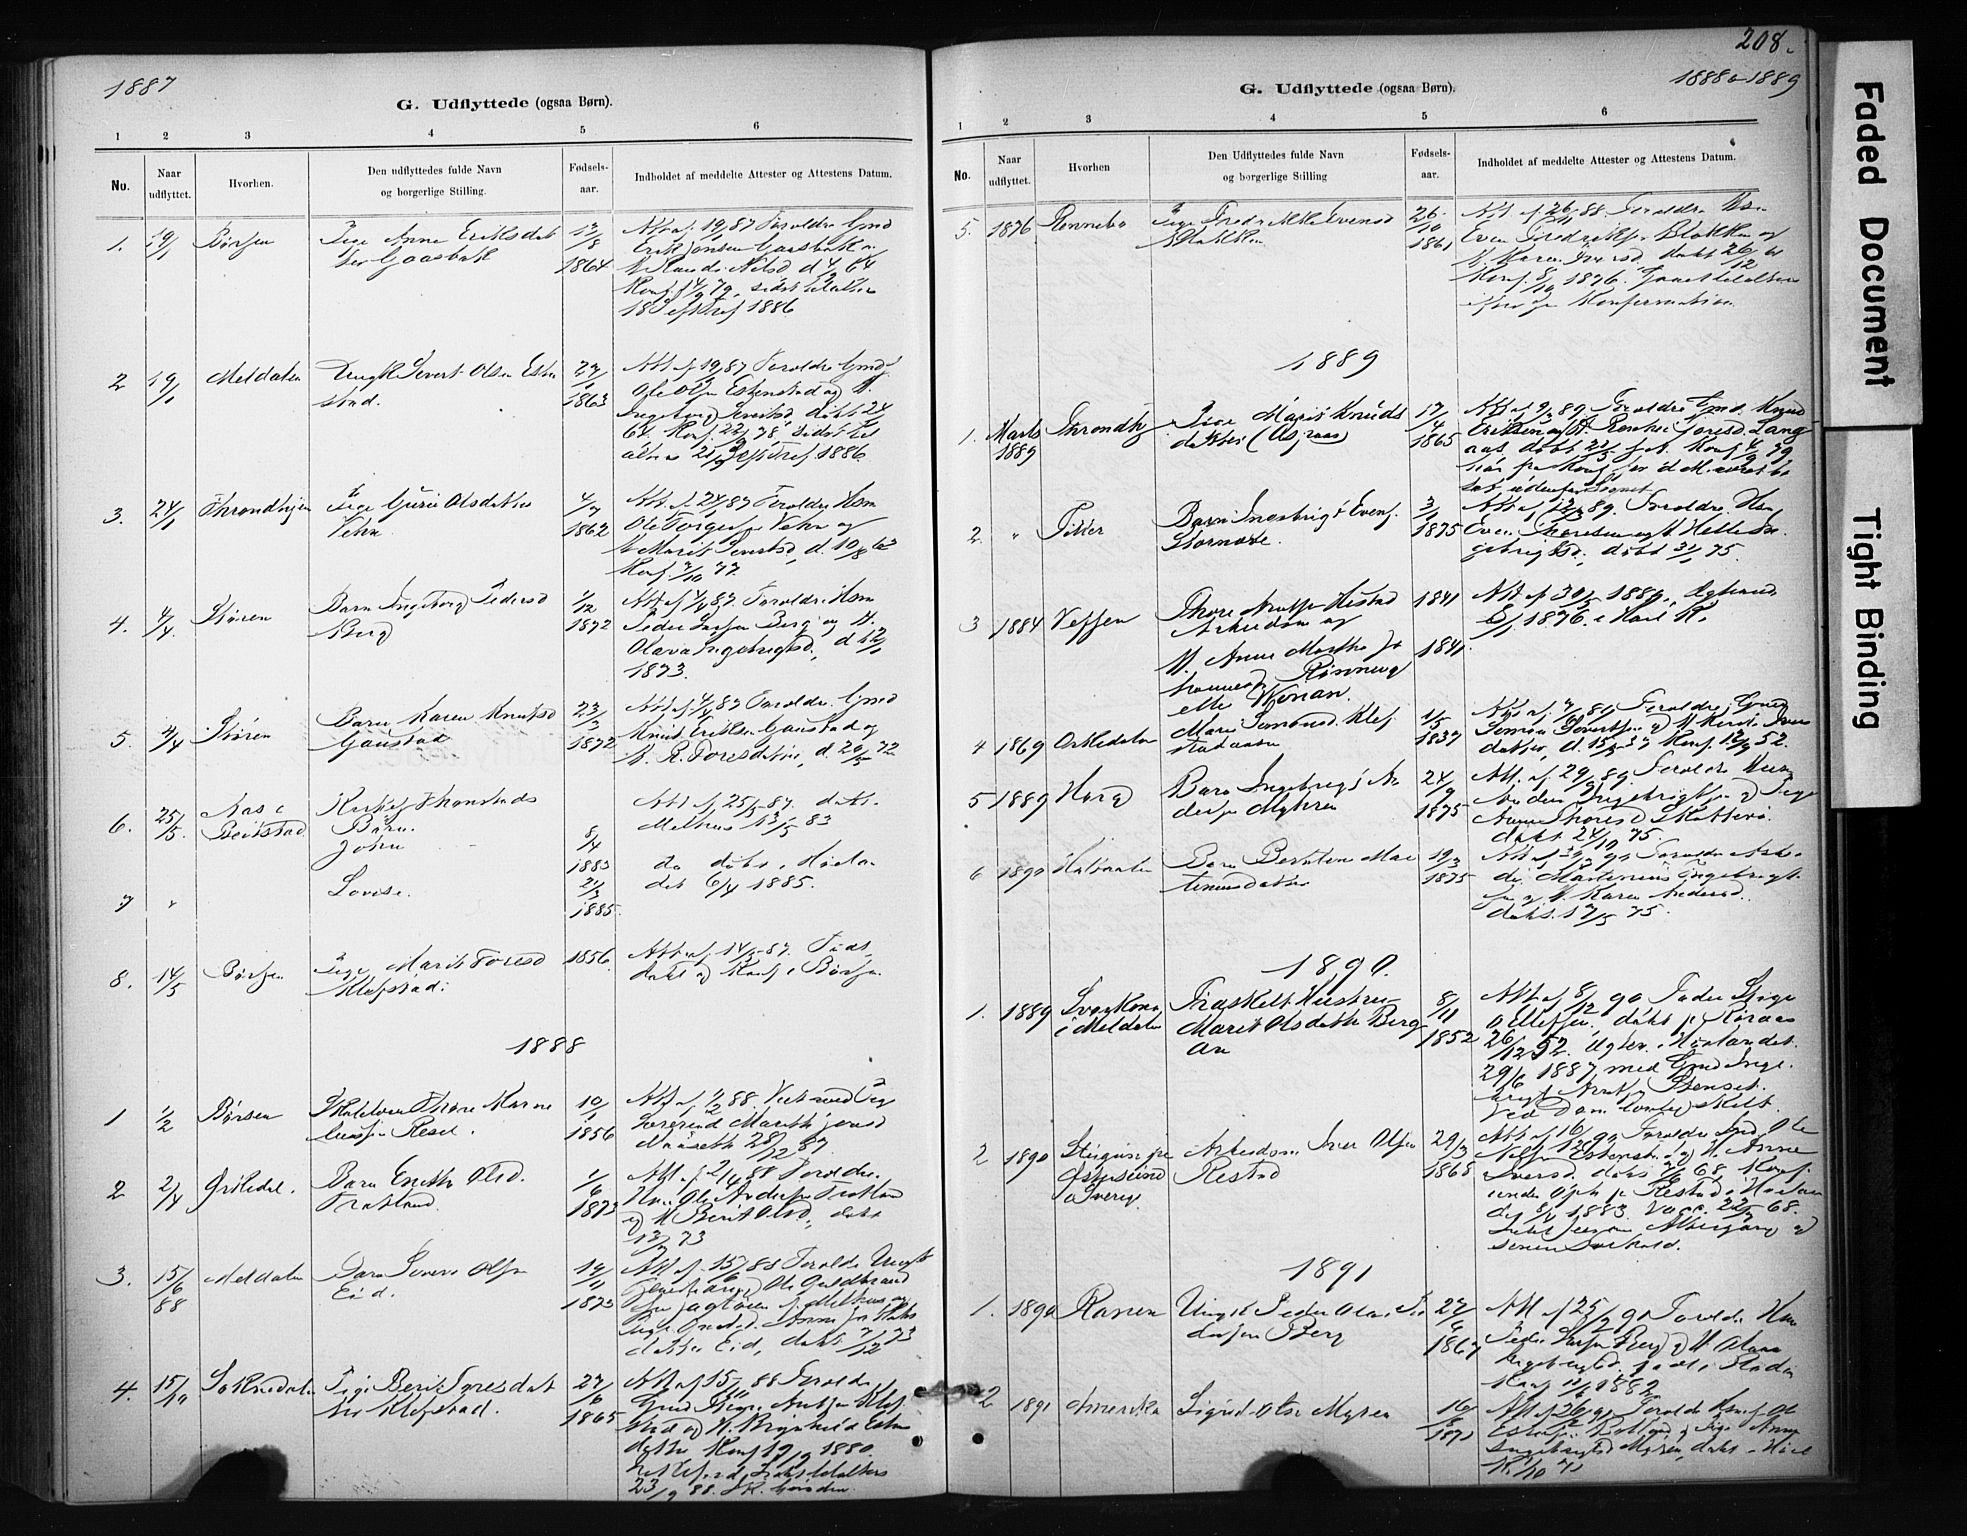 SAT, Ministerialprotokoller, klokkerbøker og fødselsregistre - Sør-Trøndelag, 694/L1127: Ministerialbok nr. 694A01, 1887-1905, s. 208